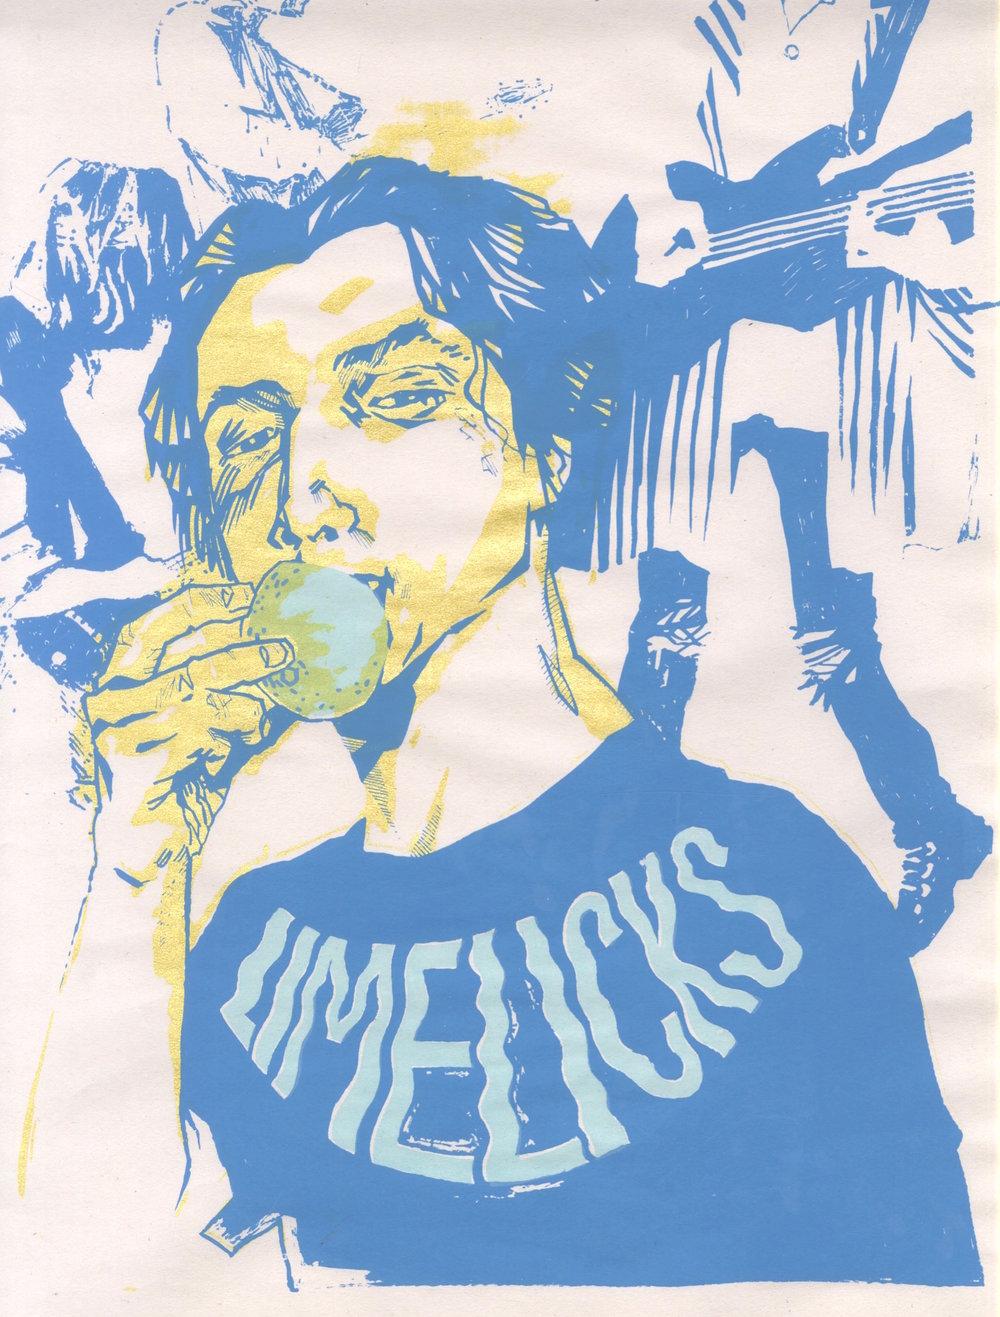 Limelicks poster copy.jpg